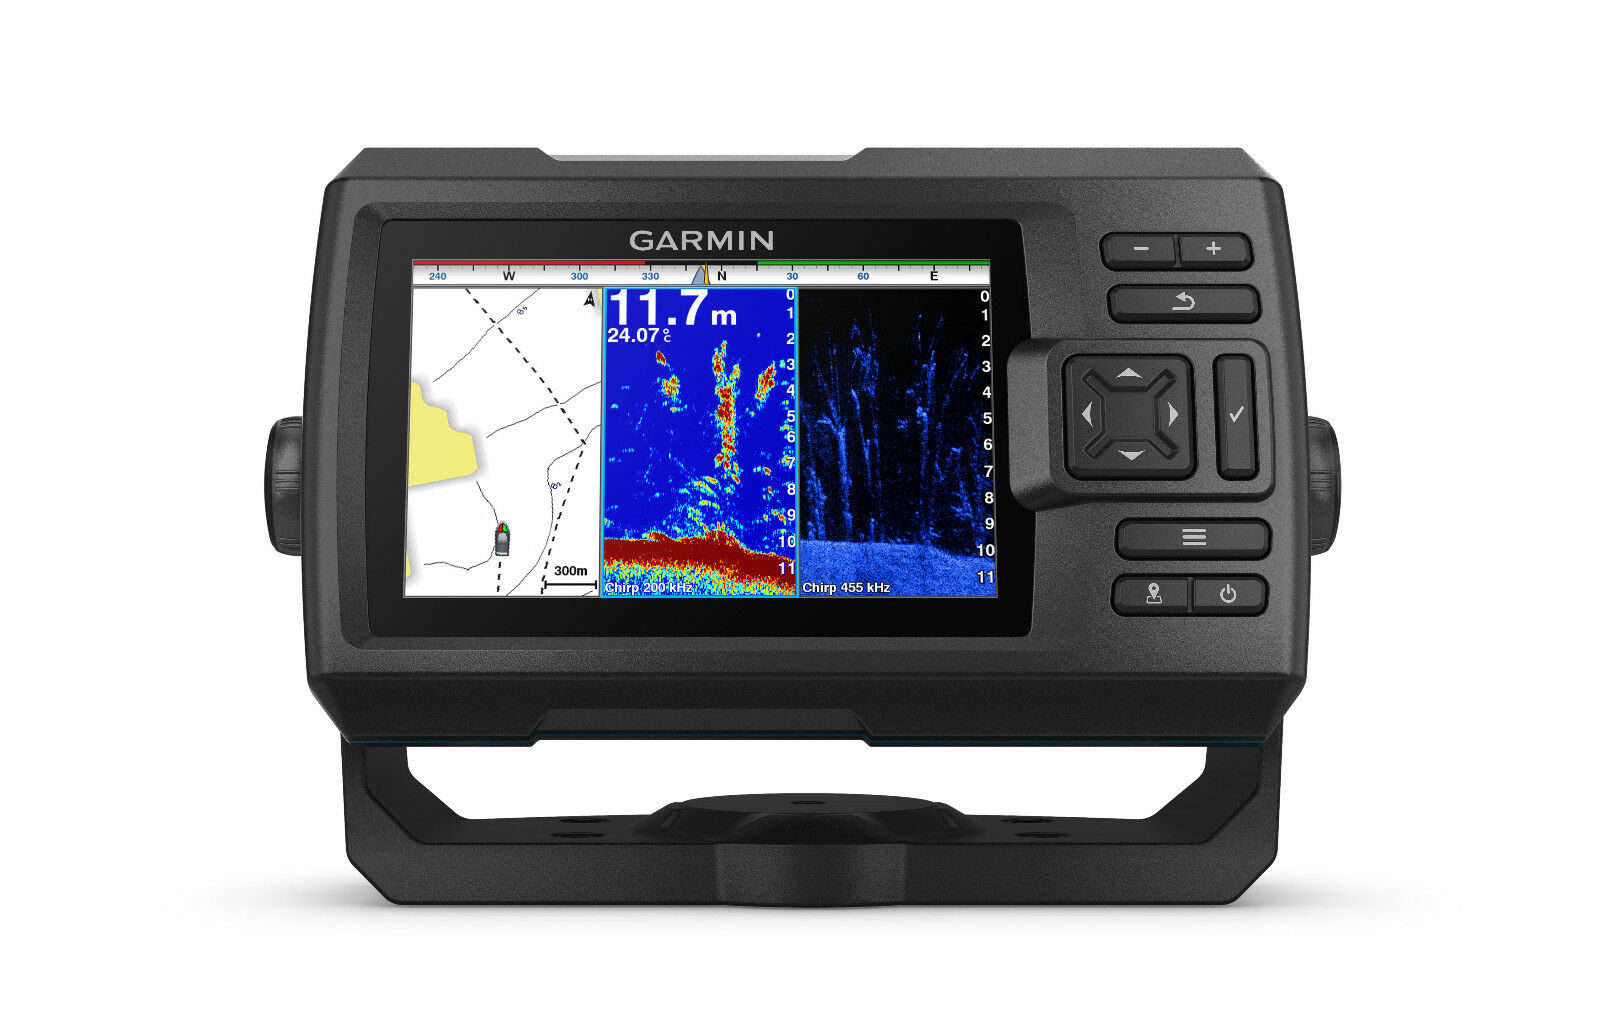 Garmin STRIKER™ Plus 5cv Fischfinder Tiefenmesser inklusive Geber Echolot GPS Tiefenmesser Fischfinder af36fe